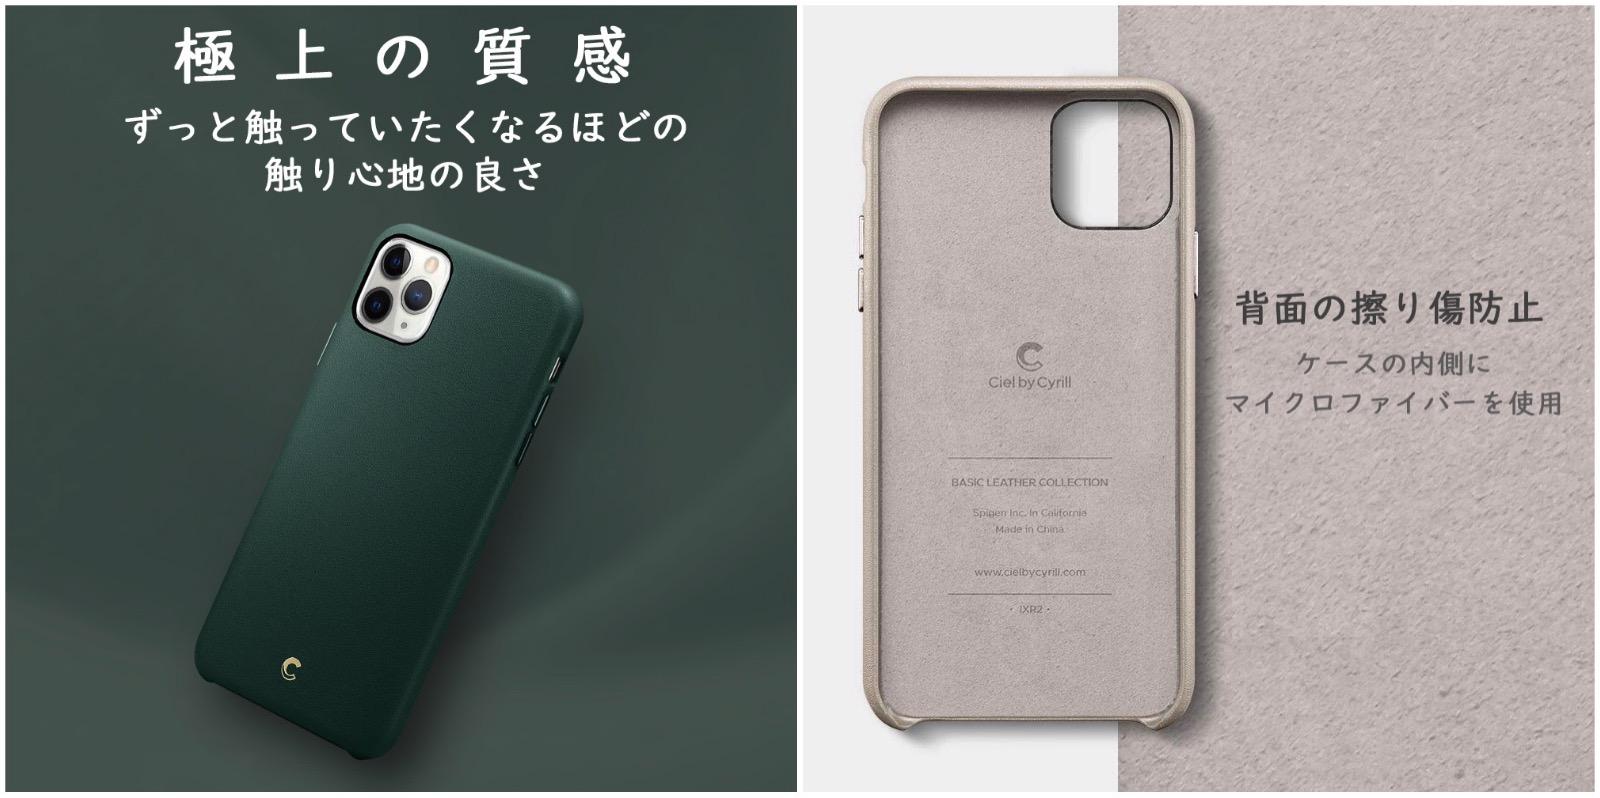 Spigen-Ciel-Base-Leather-features.jpg